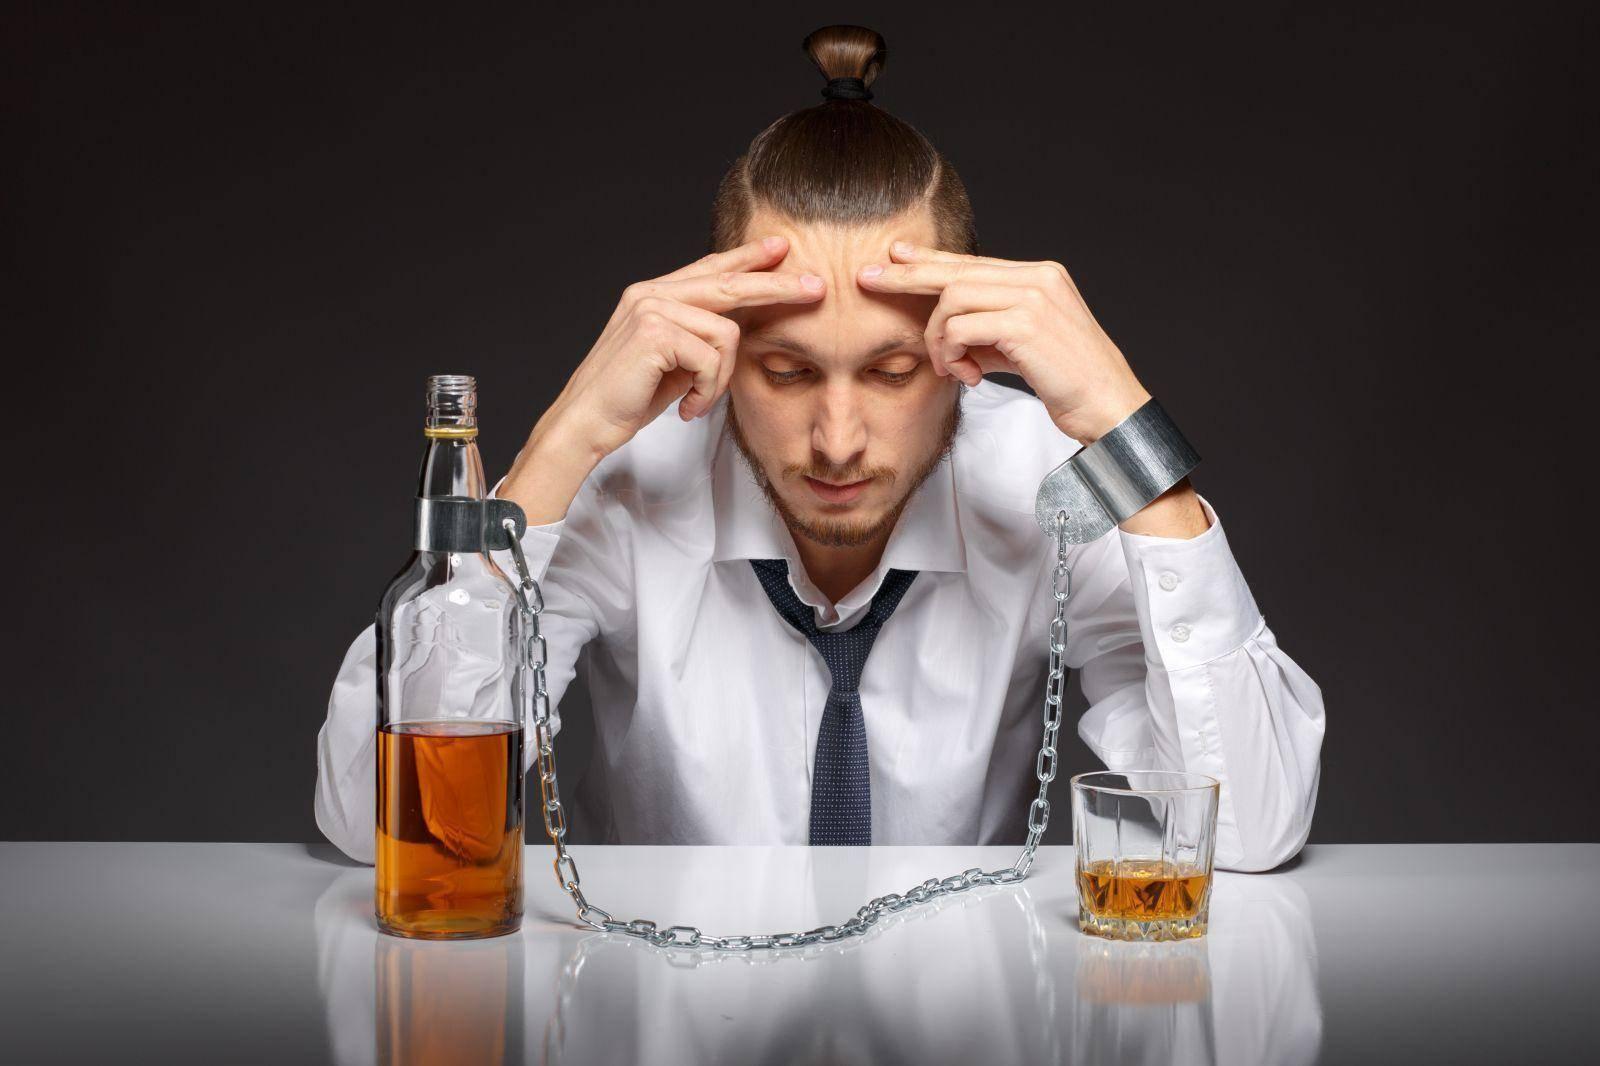 Алкогольная депрессия: причины заболевания, основные симптомы, лечение и профилактика